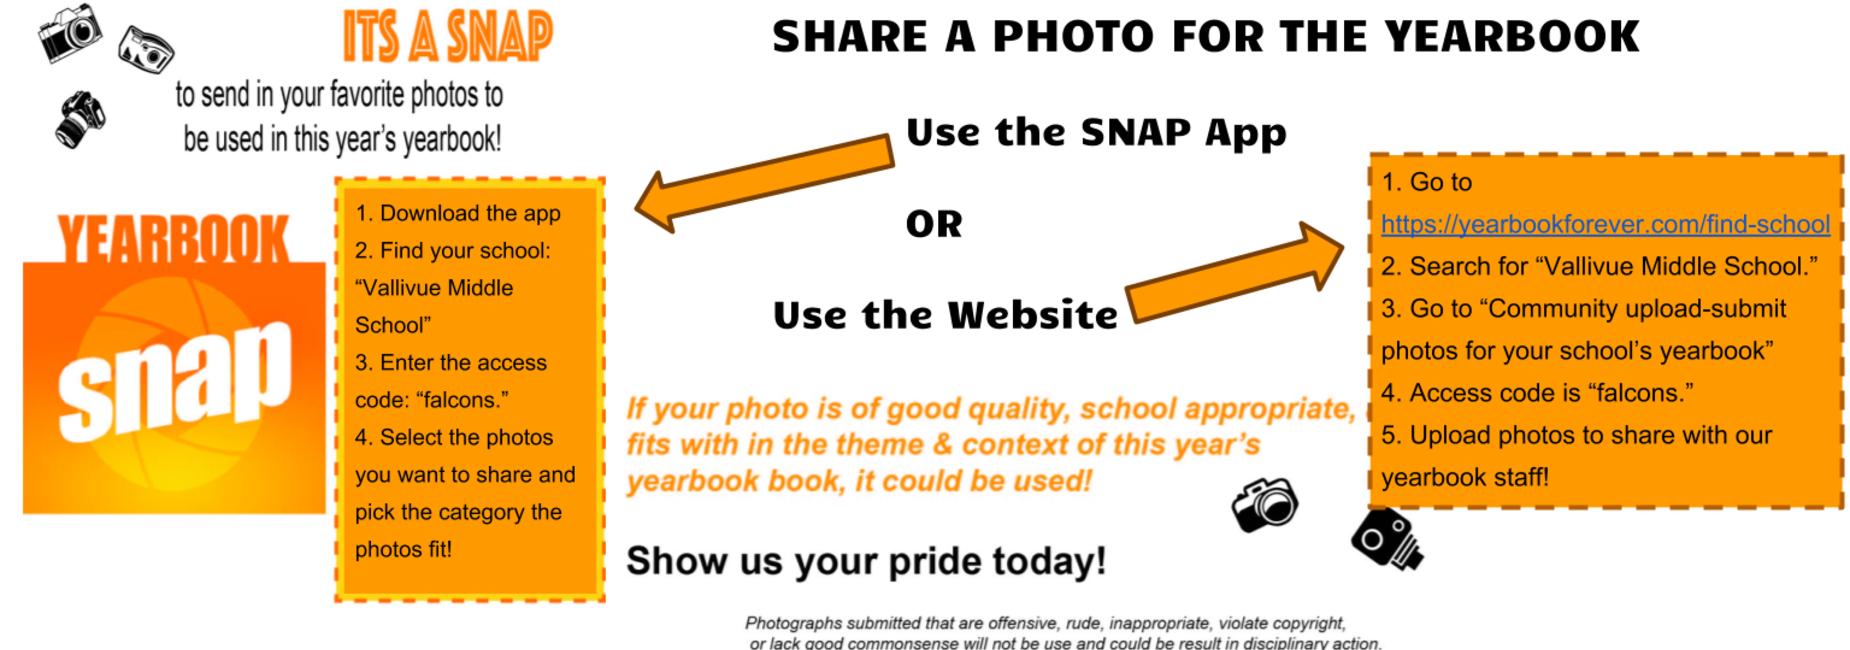 Yearbook Photo Share